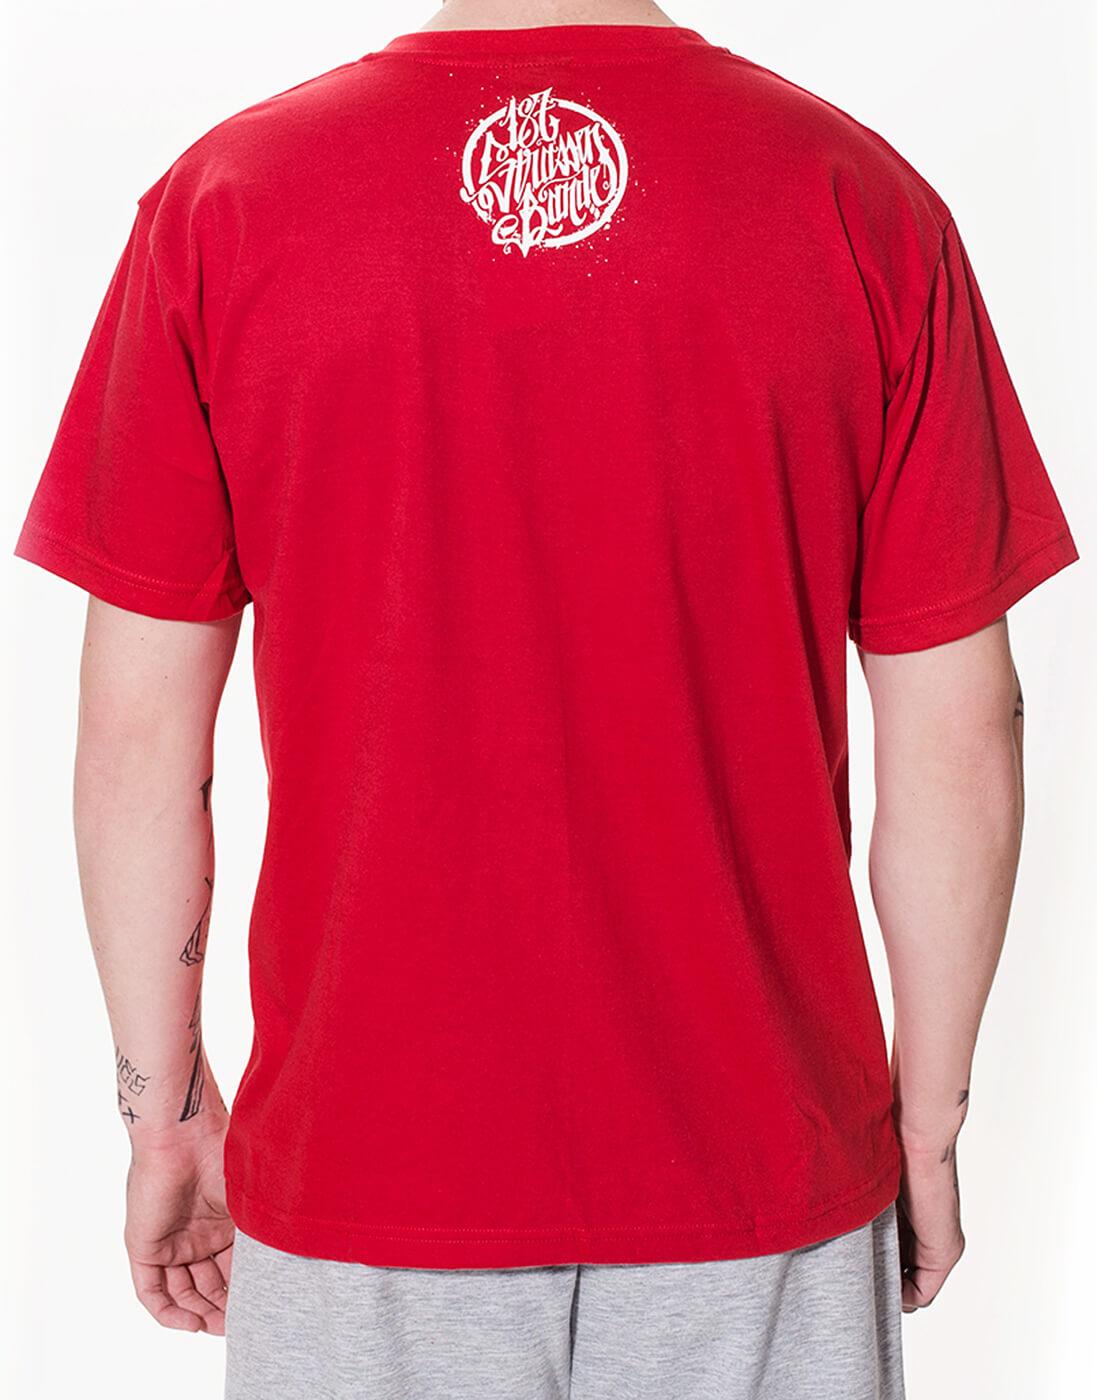 187 Pullover, 187 Strassenbande Logo Weiss Tshirt Schwarz